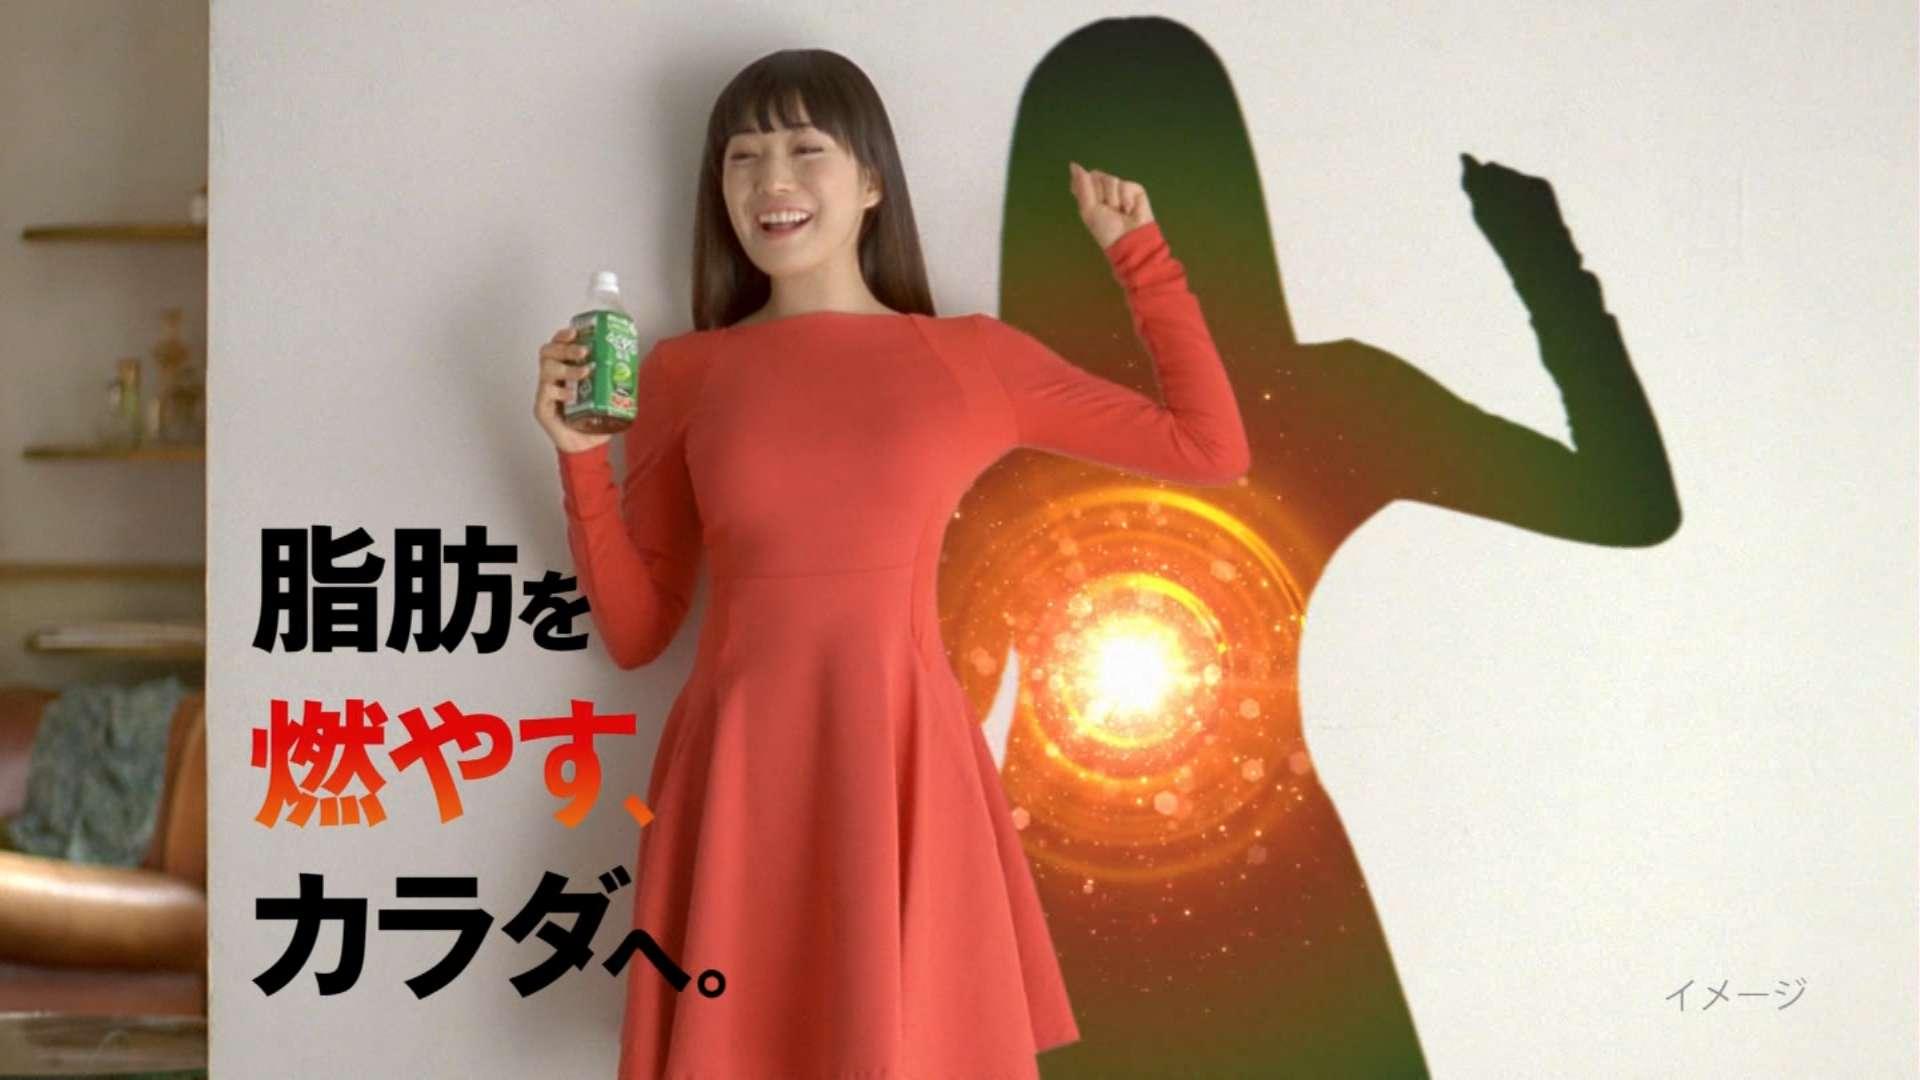 菅野美穂 おっぱい画像5